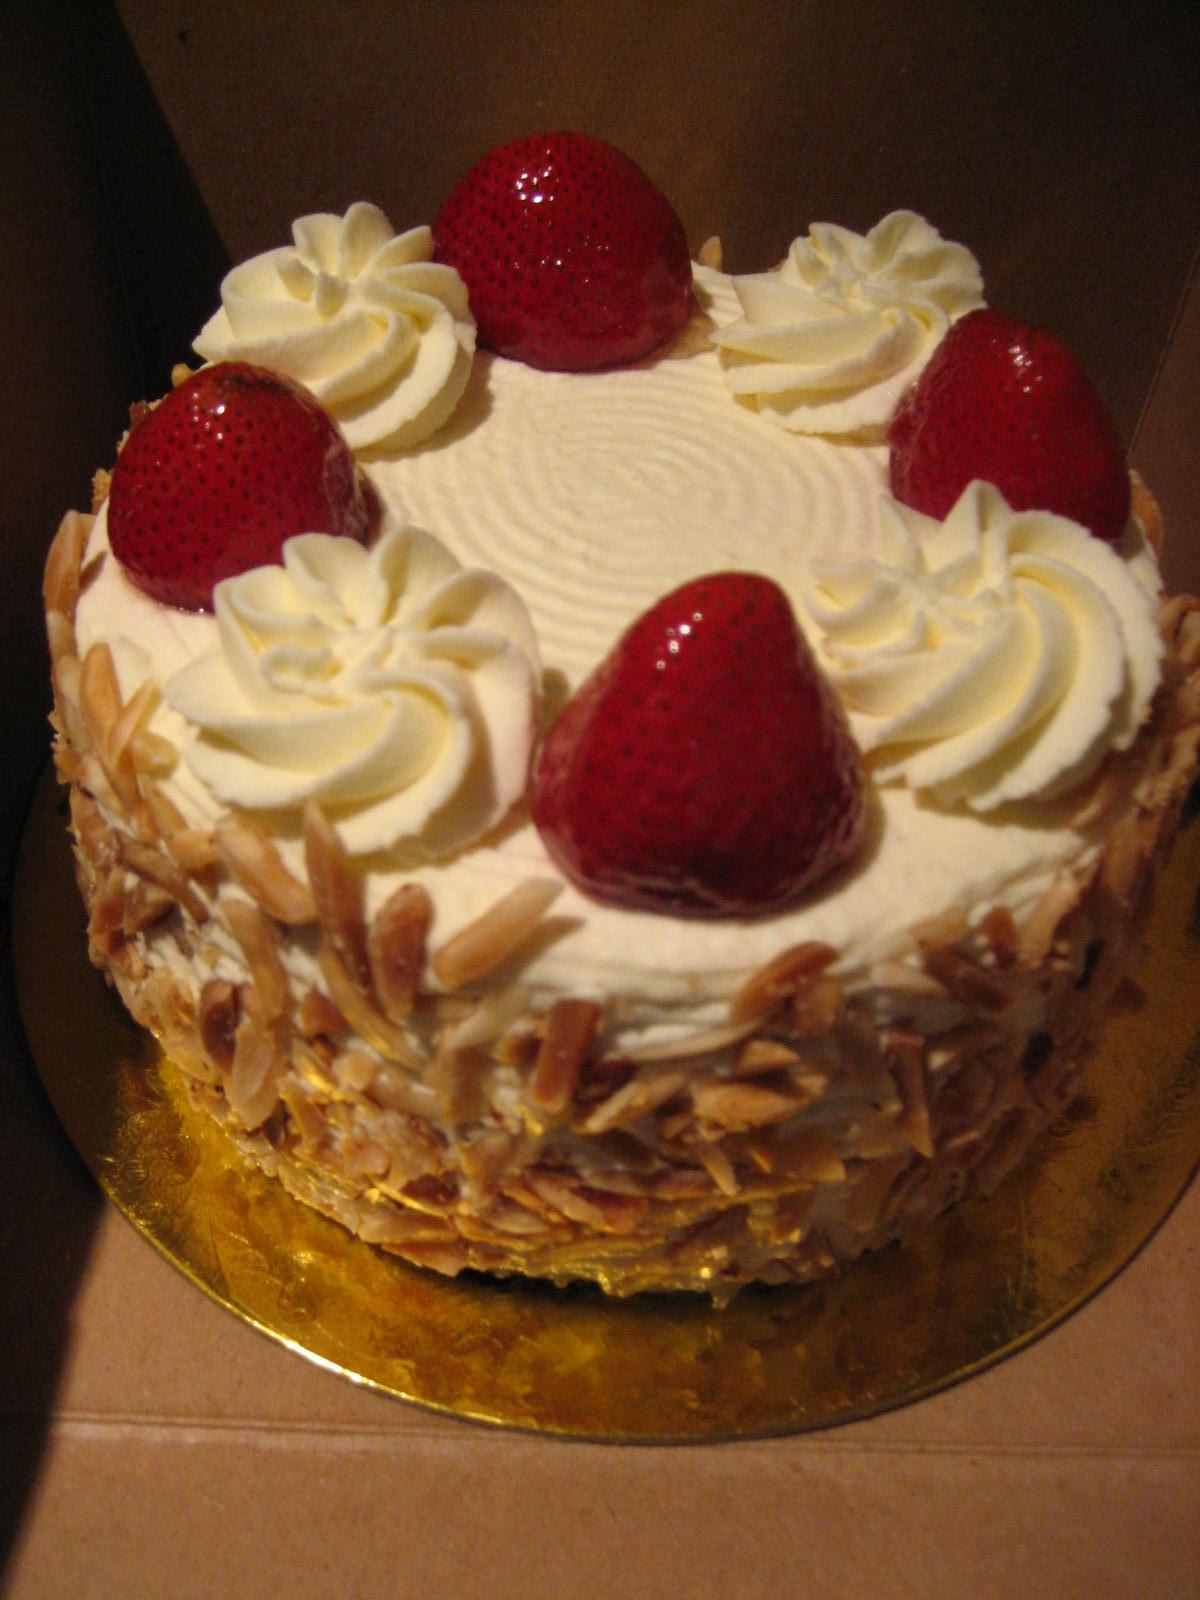 whole foods strawberry shortcake Food